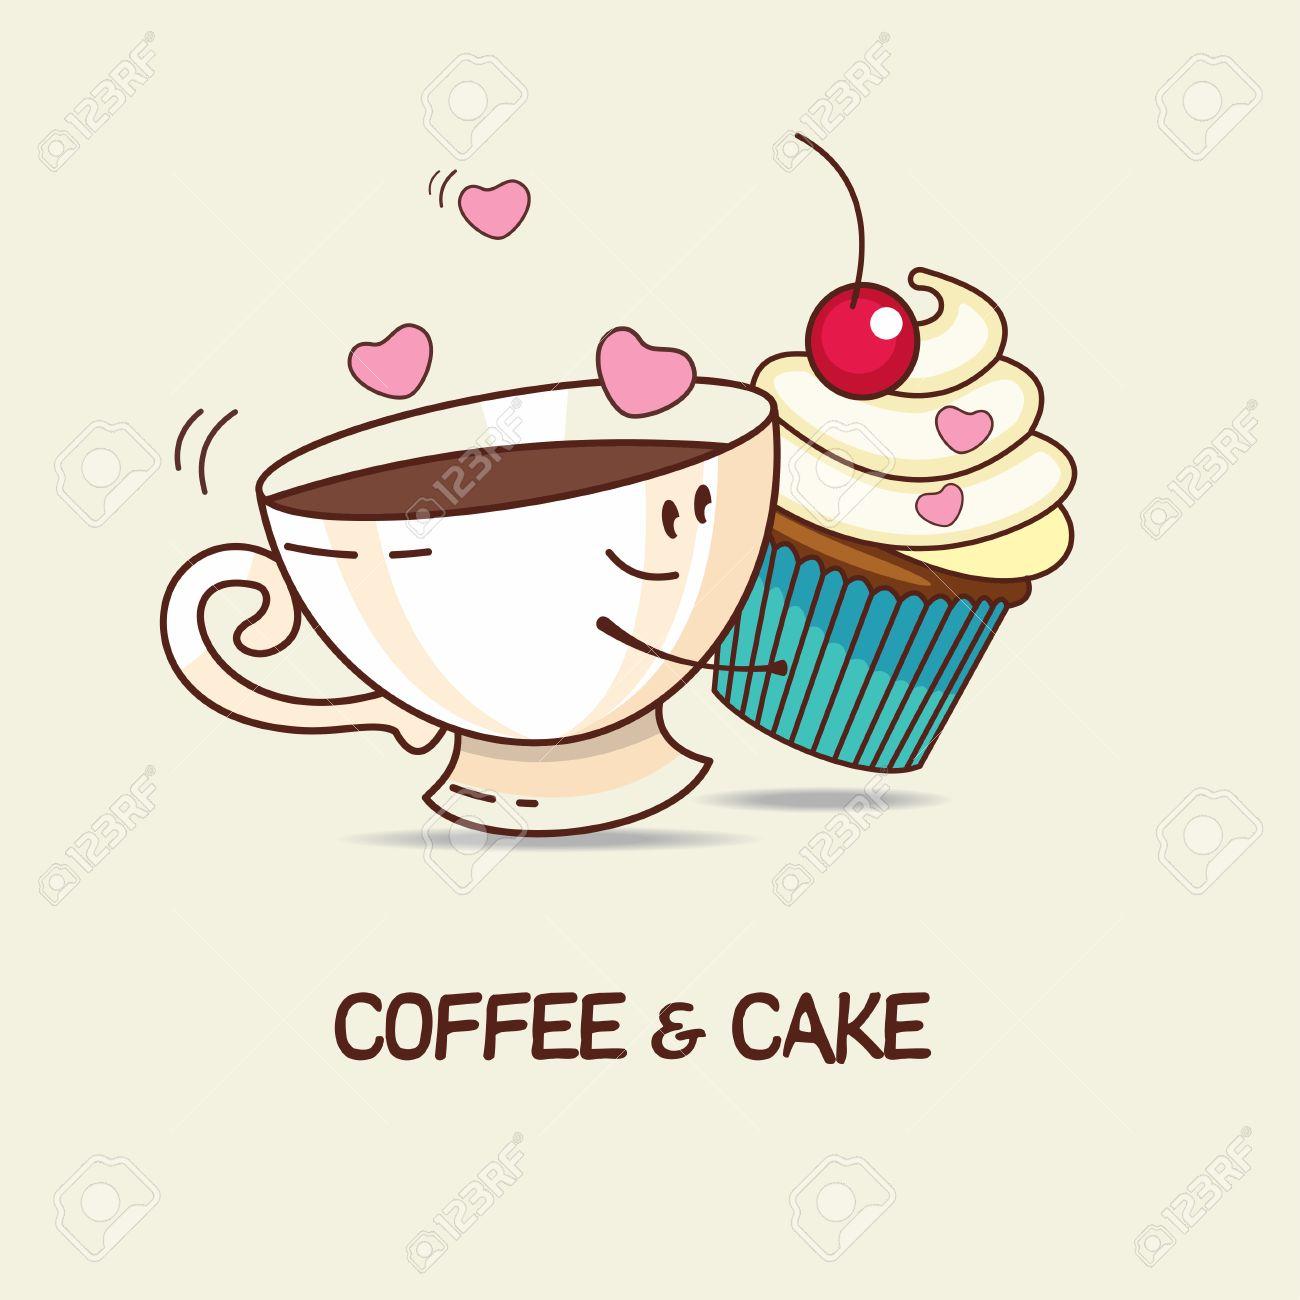 Kaffee Und Kuchen Fur Immer Lieben Kaffee Und Kuchen Umarmung